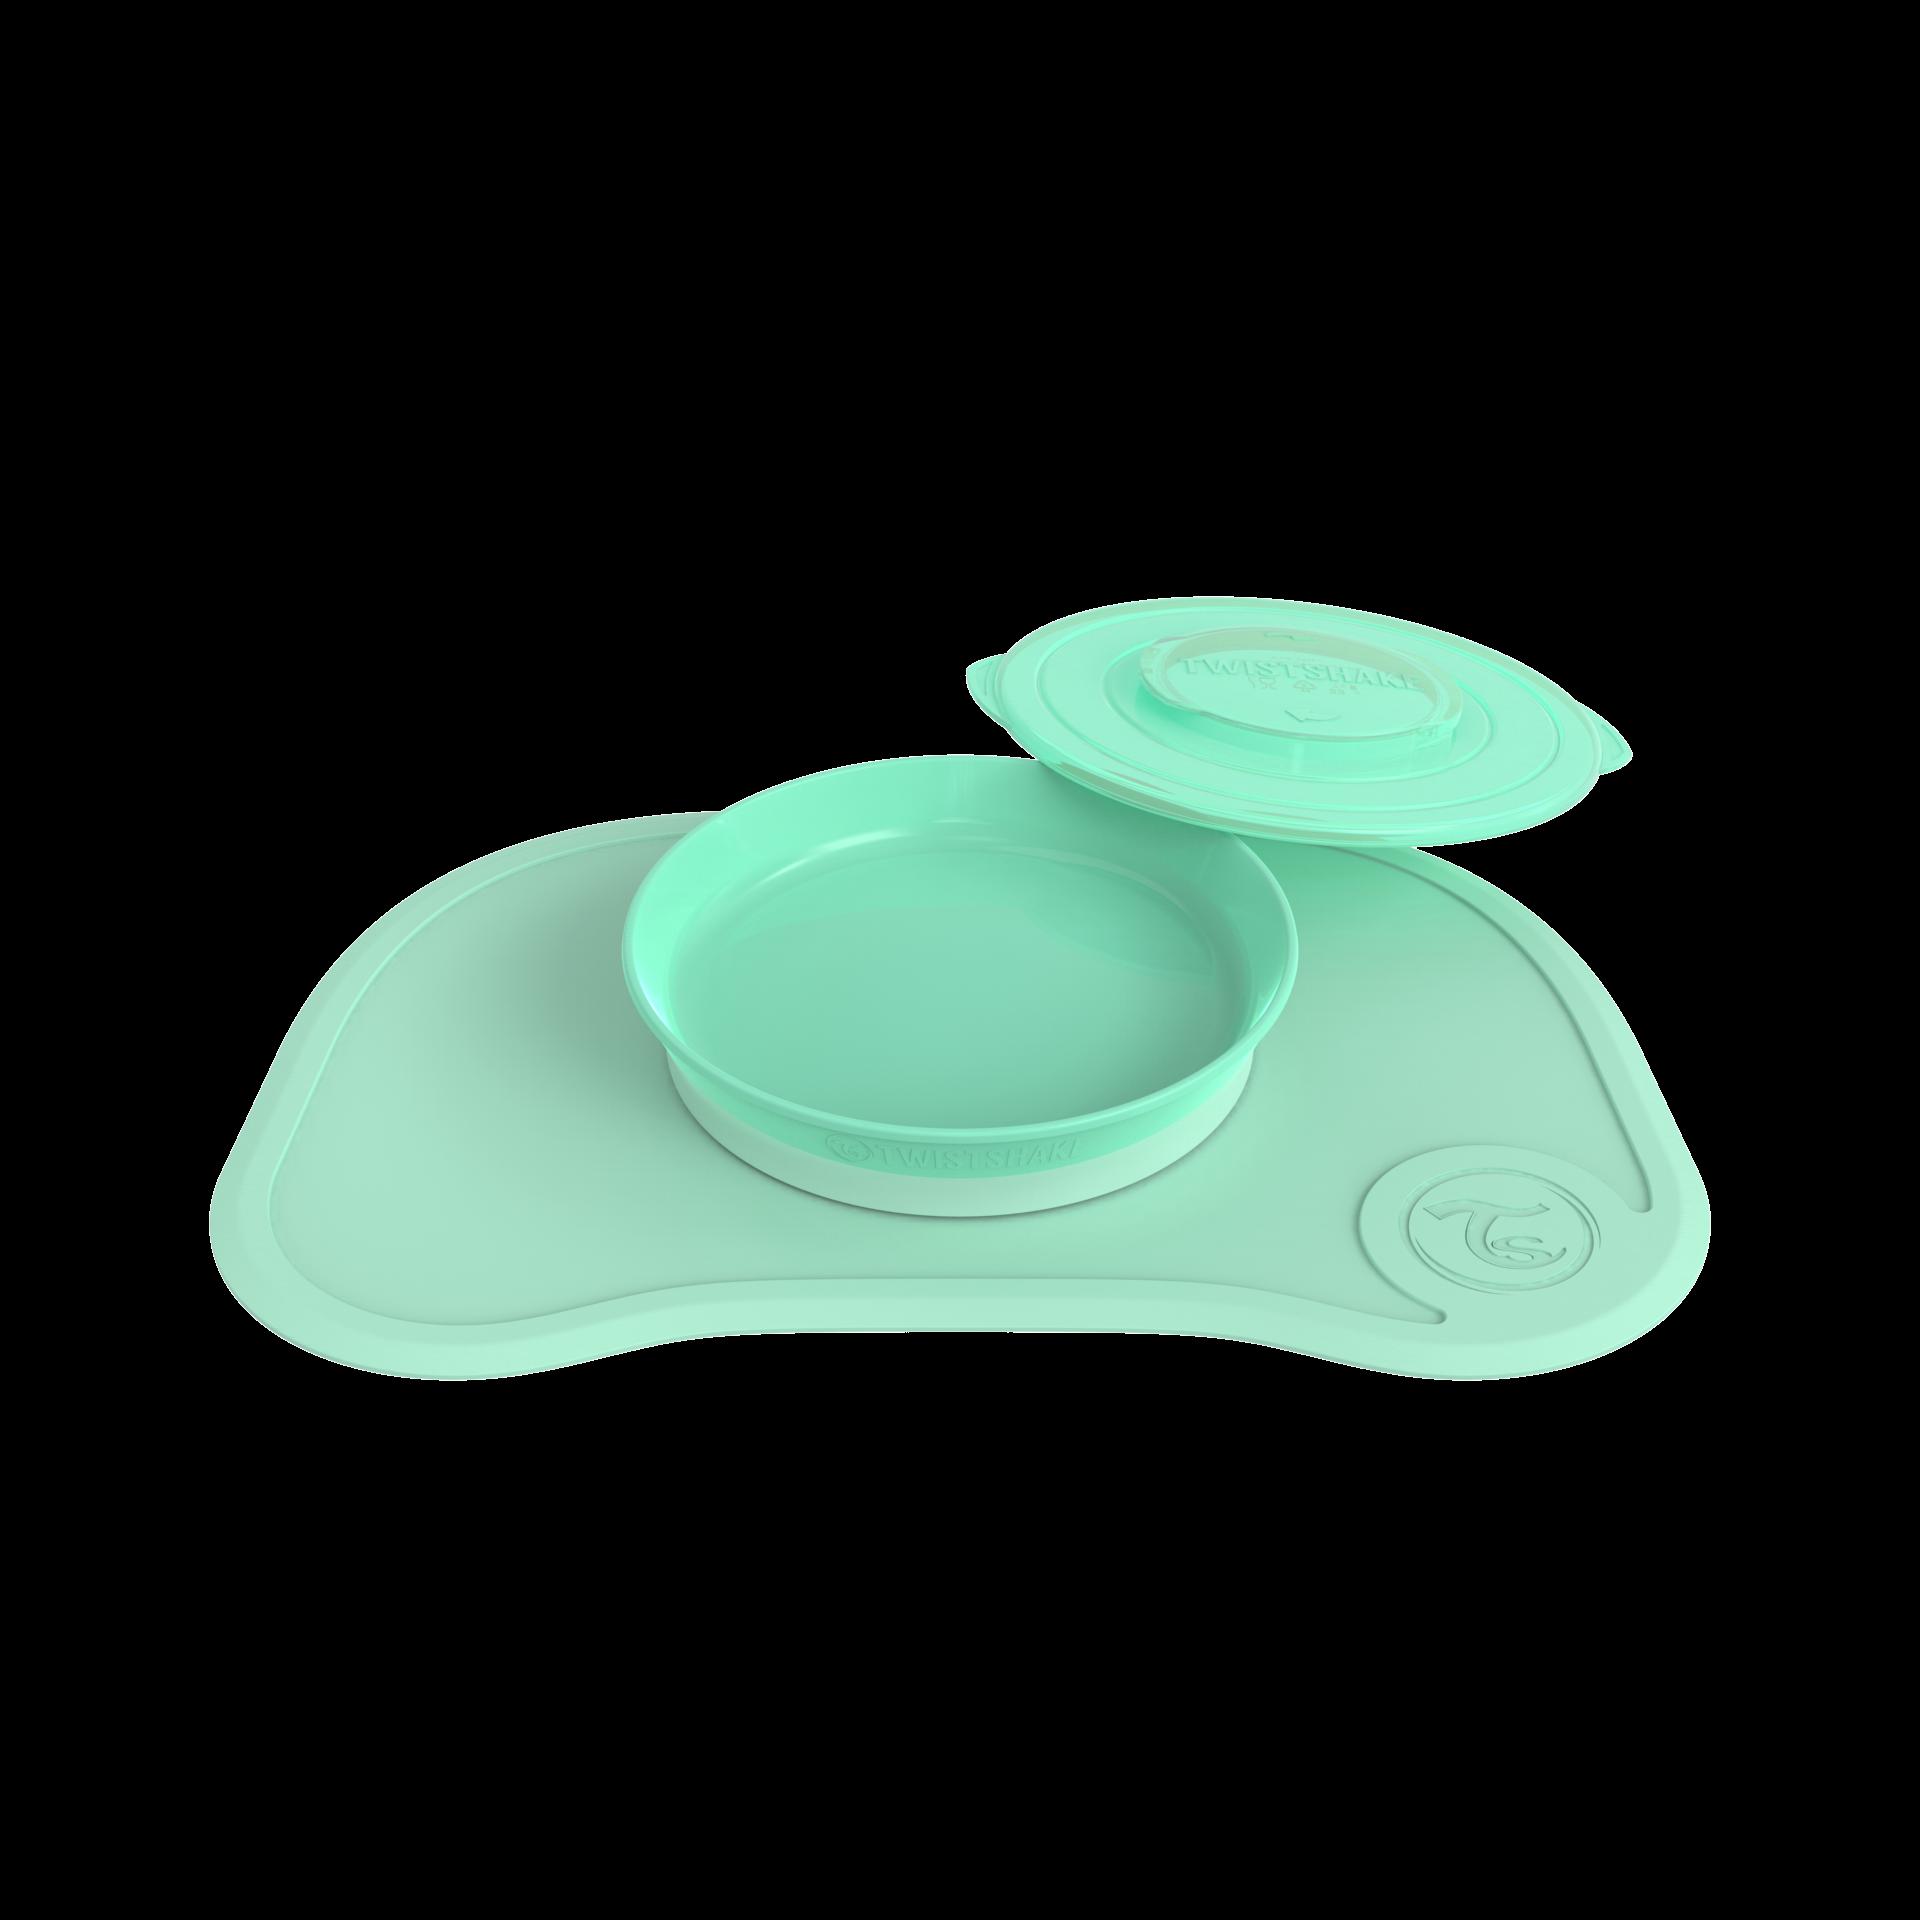 Twistshake dækkeserviet m. click-funktion og tallerken - Pastel Grøn